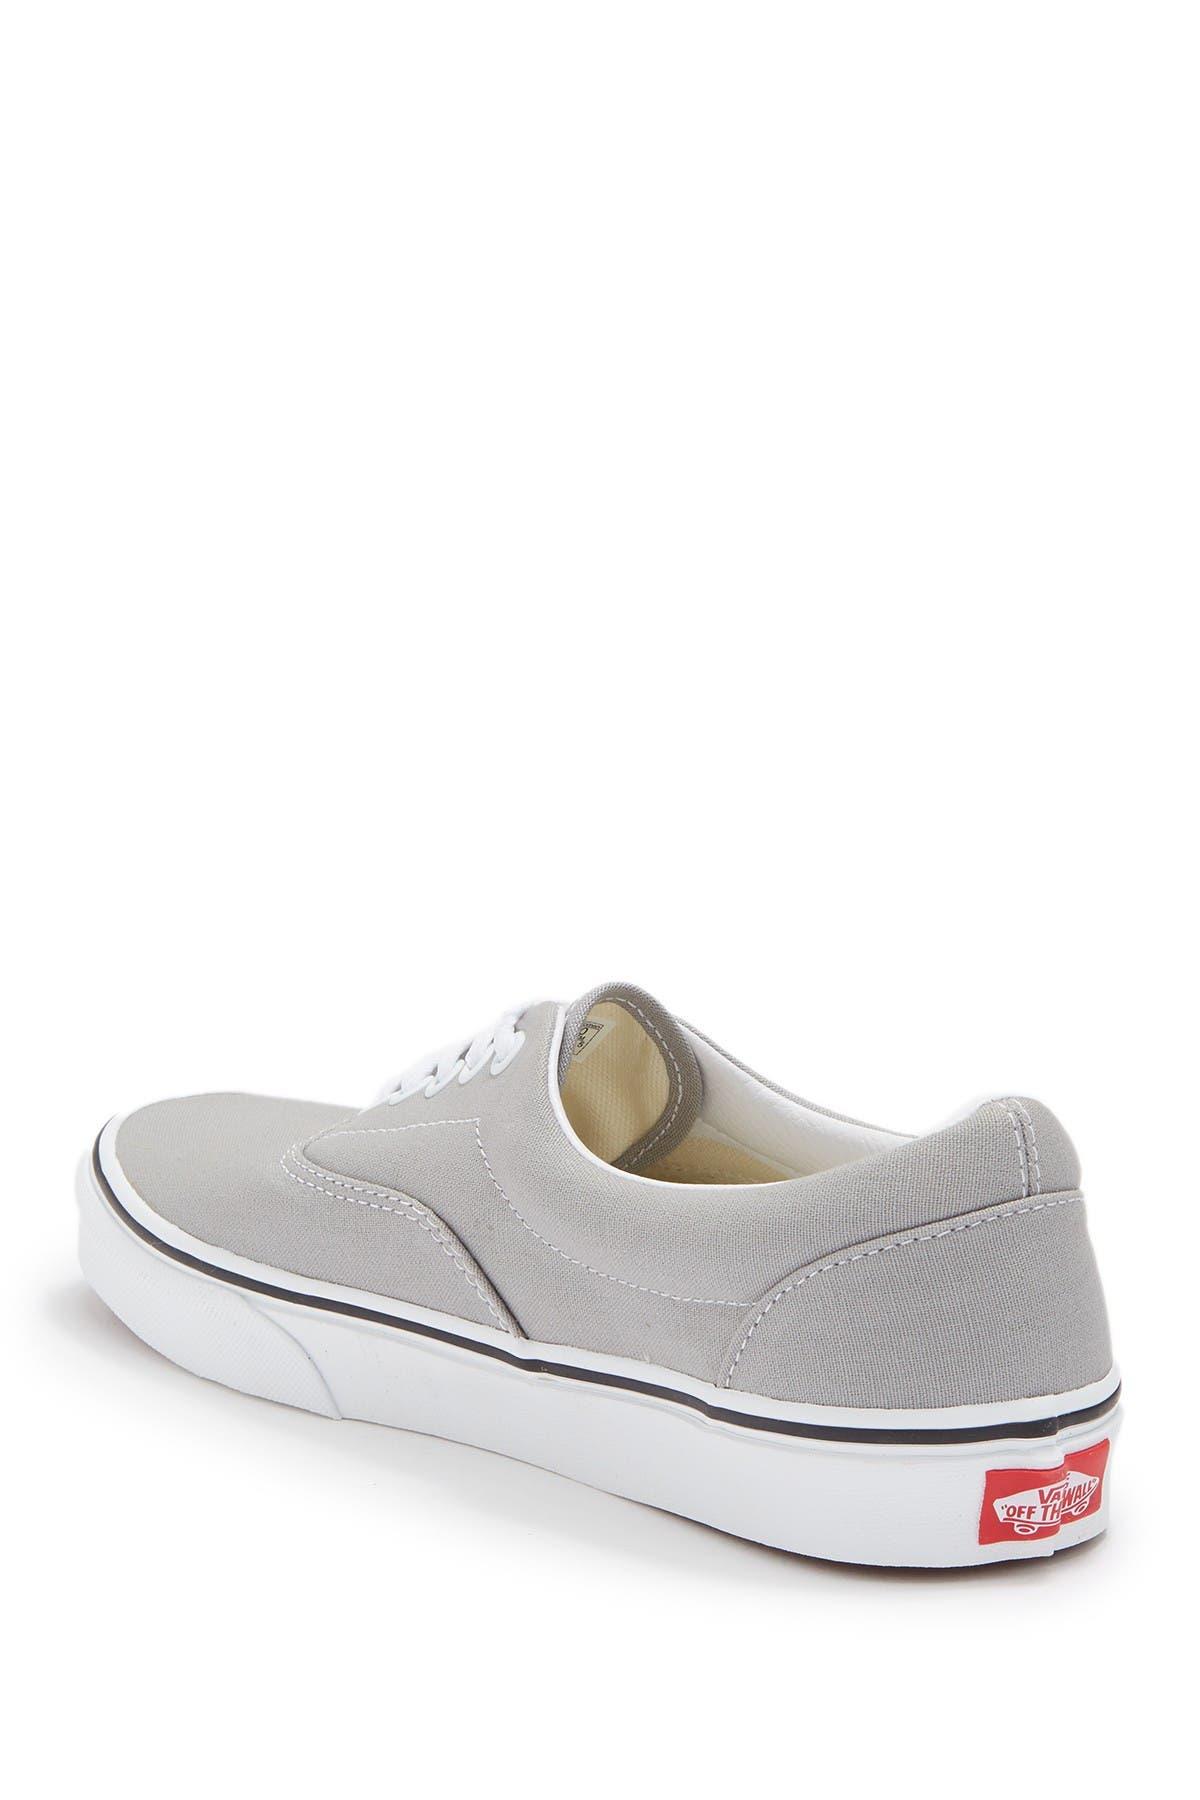 Image of VANS Era Drizzle Shoe